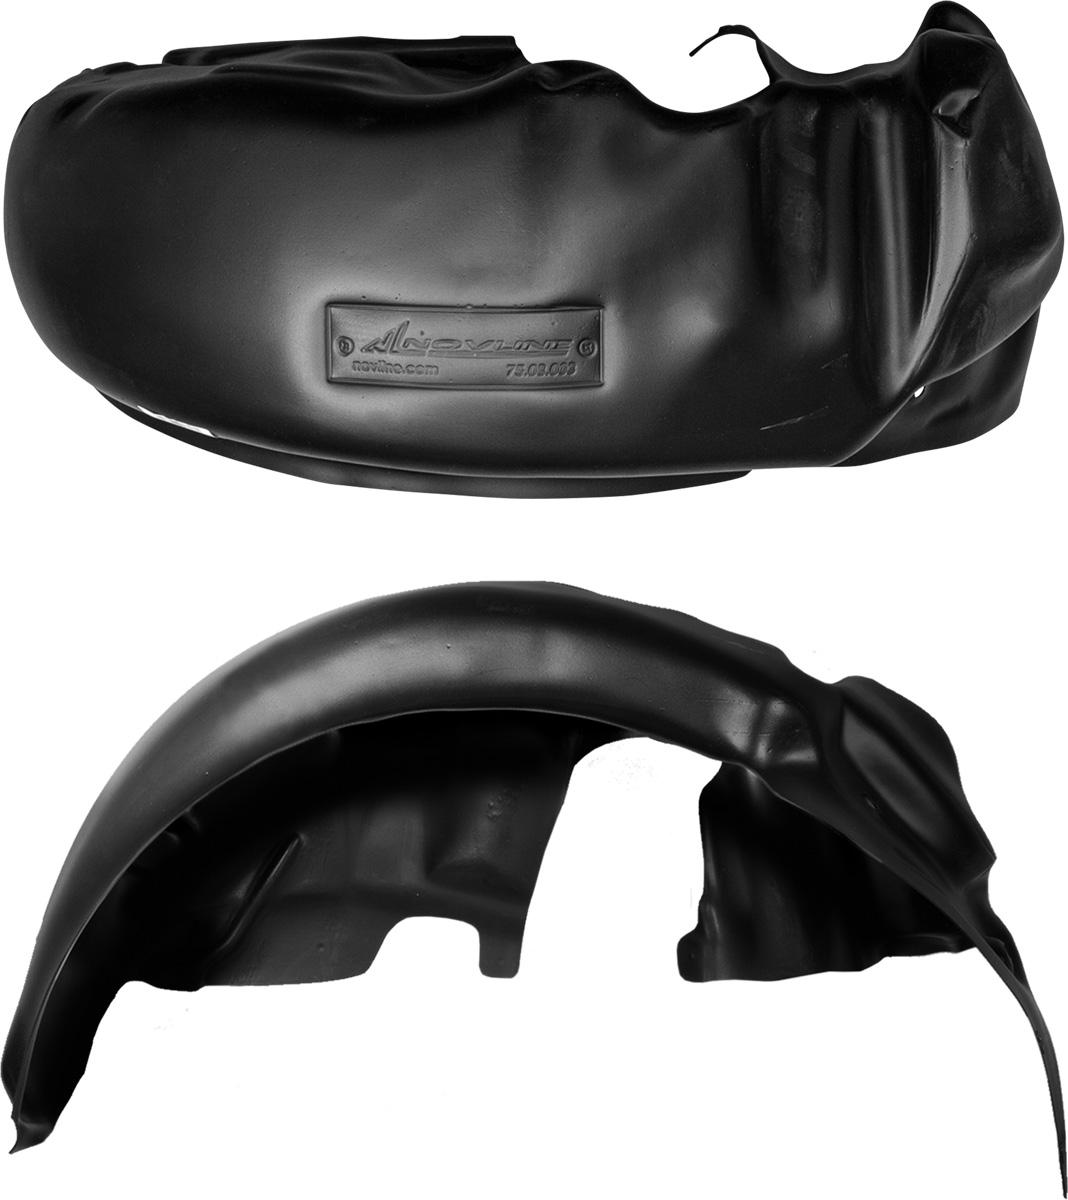 Подкрылок Novline-Autofamily, для RENAULT Logan, 2014->, задний левыйNLL.41.33.003Колесные ниши – одни из самых уязвимых зон днища вашего автомобиля. Они постоянно подвергаются воздействию со стороны дороги. Лучшая, почти абсолютная защита для них - специально отформованные пластиковые кожухи, которые называются подкрылками, или локерами. Производятся они как для отечественных моделей автомобилей, так и для иномарок. Подкрылки Novline-Autofamily выполнены из высококачественного, экологически чистого пластика. Обеспечивают надежную защиту кузова автомобиля от пескоструйного эффекта и негативного влияния, агрессивных антигололедных реагентов. Пластик обладает более низкой теплопроводностью, чем металл, поэтому в зимний период эксплуатации использование пластиковых подкрылков позволяет лучше защитить колесные ниши от налипания снега и образования наледи. Оригинальность конструкции подчеркивает элегантность автомобиля, бережно защищает нанесенное на днище кузова антикоррозийное покрытие и позволяет осуществить крепление подкрылков внутри колесной арки практически без дополнительного крепежа и сверления, не нарушая при этом лакокрасочного покрытия, что предотвращает возникновение новых очагов коррозии. Технология крепления подкрылков на иномарки принципиально отличается от крепления на российские автомобили и разрабатывается индивидуально для каждой модели автомобиля. Подкрылки долговечны, обладают высокой прочностью и сохраняют заданную форму, а также все свои физико-механические характеристики в самых тяжелых климатических условиях ( от -50° С до + 50° С).